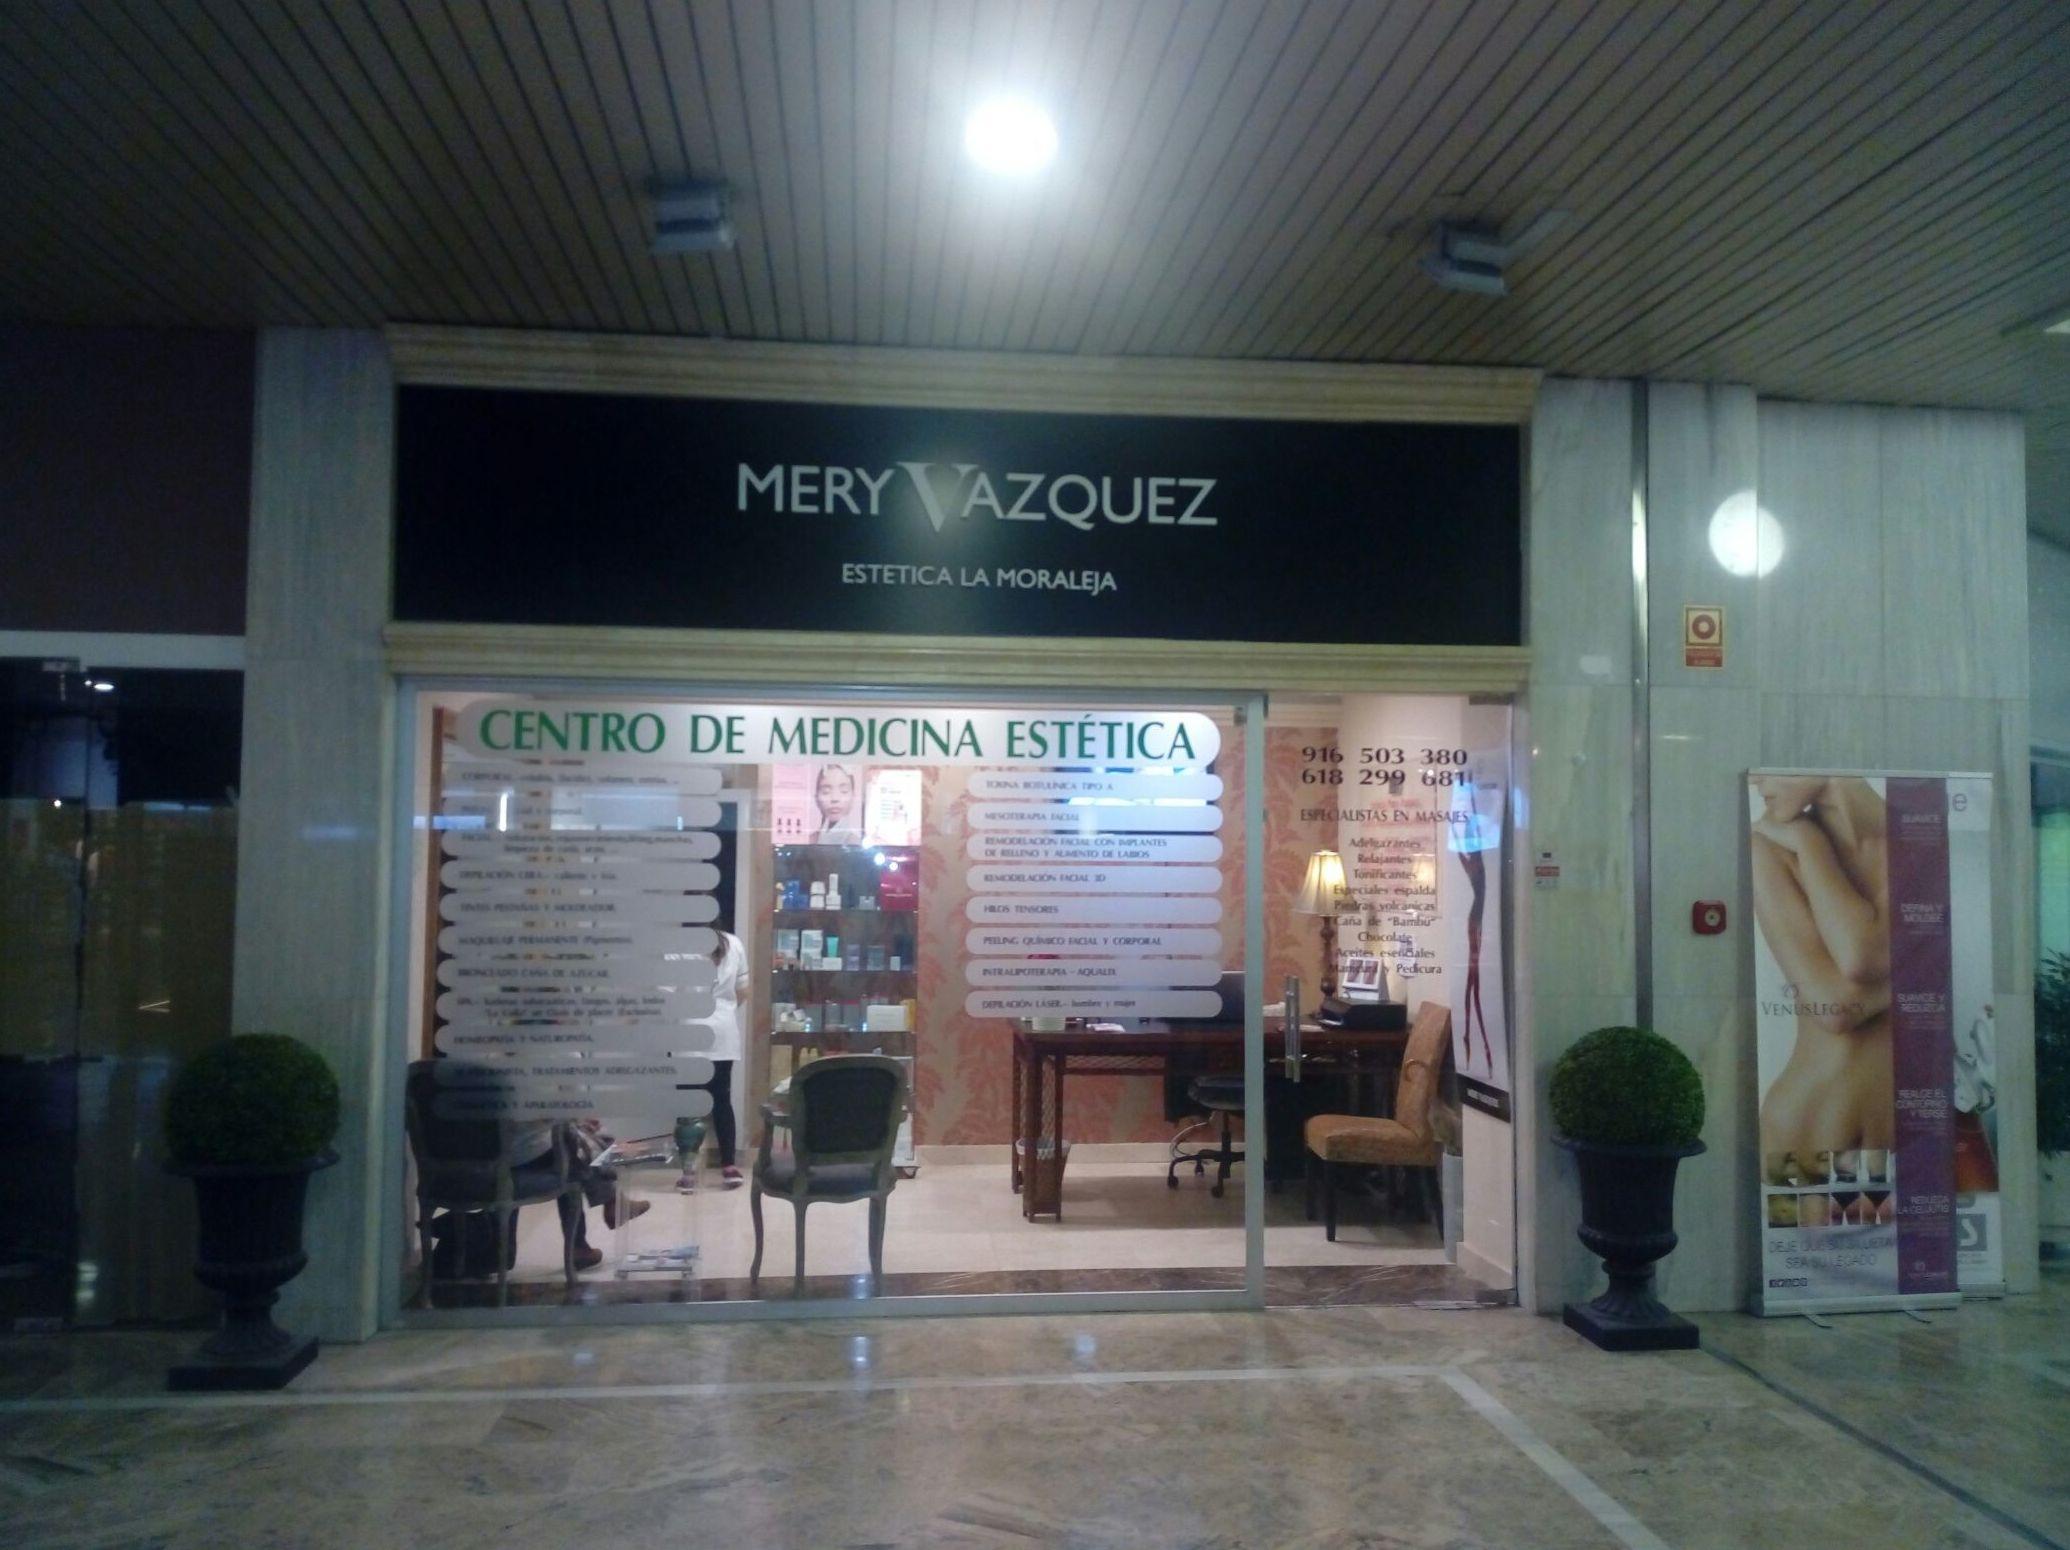 Foto 10 de Centro de Medicina estética de referencia en Alcobendas | Centro de Medicina Estética  Mery Vázquez